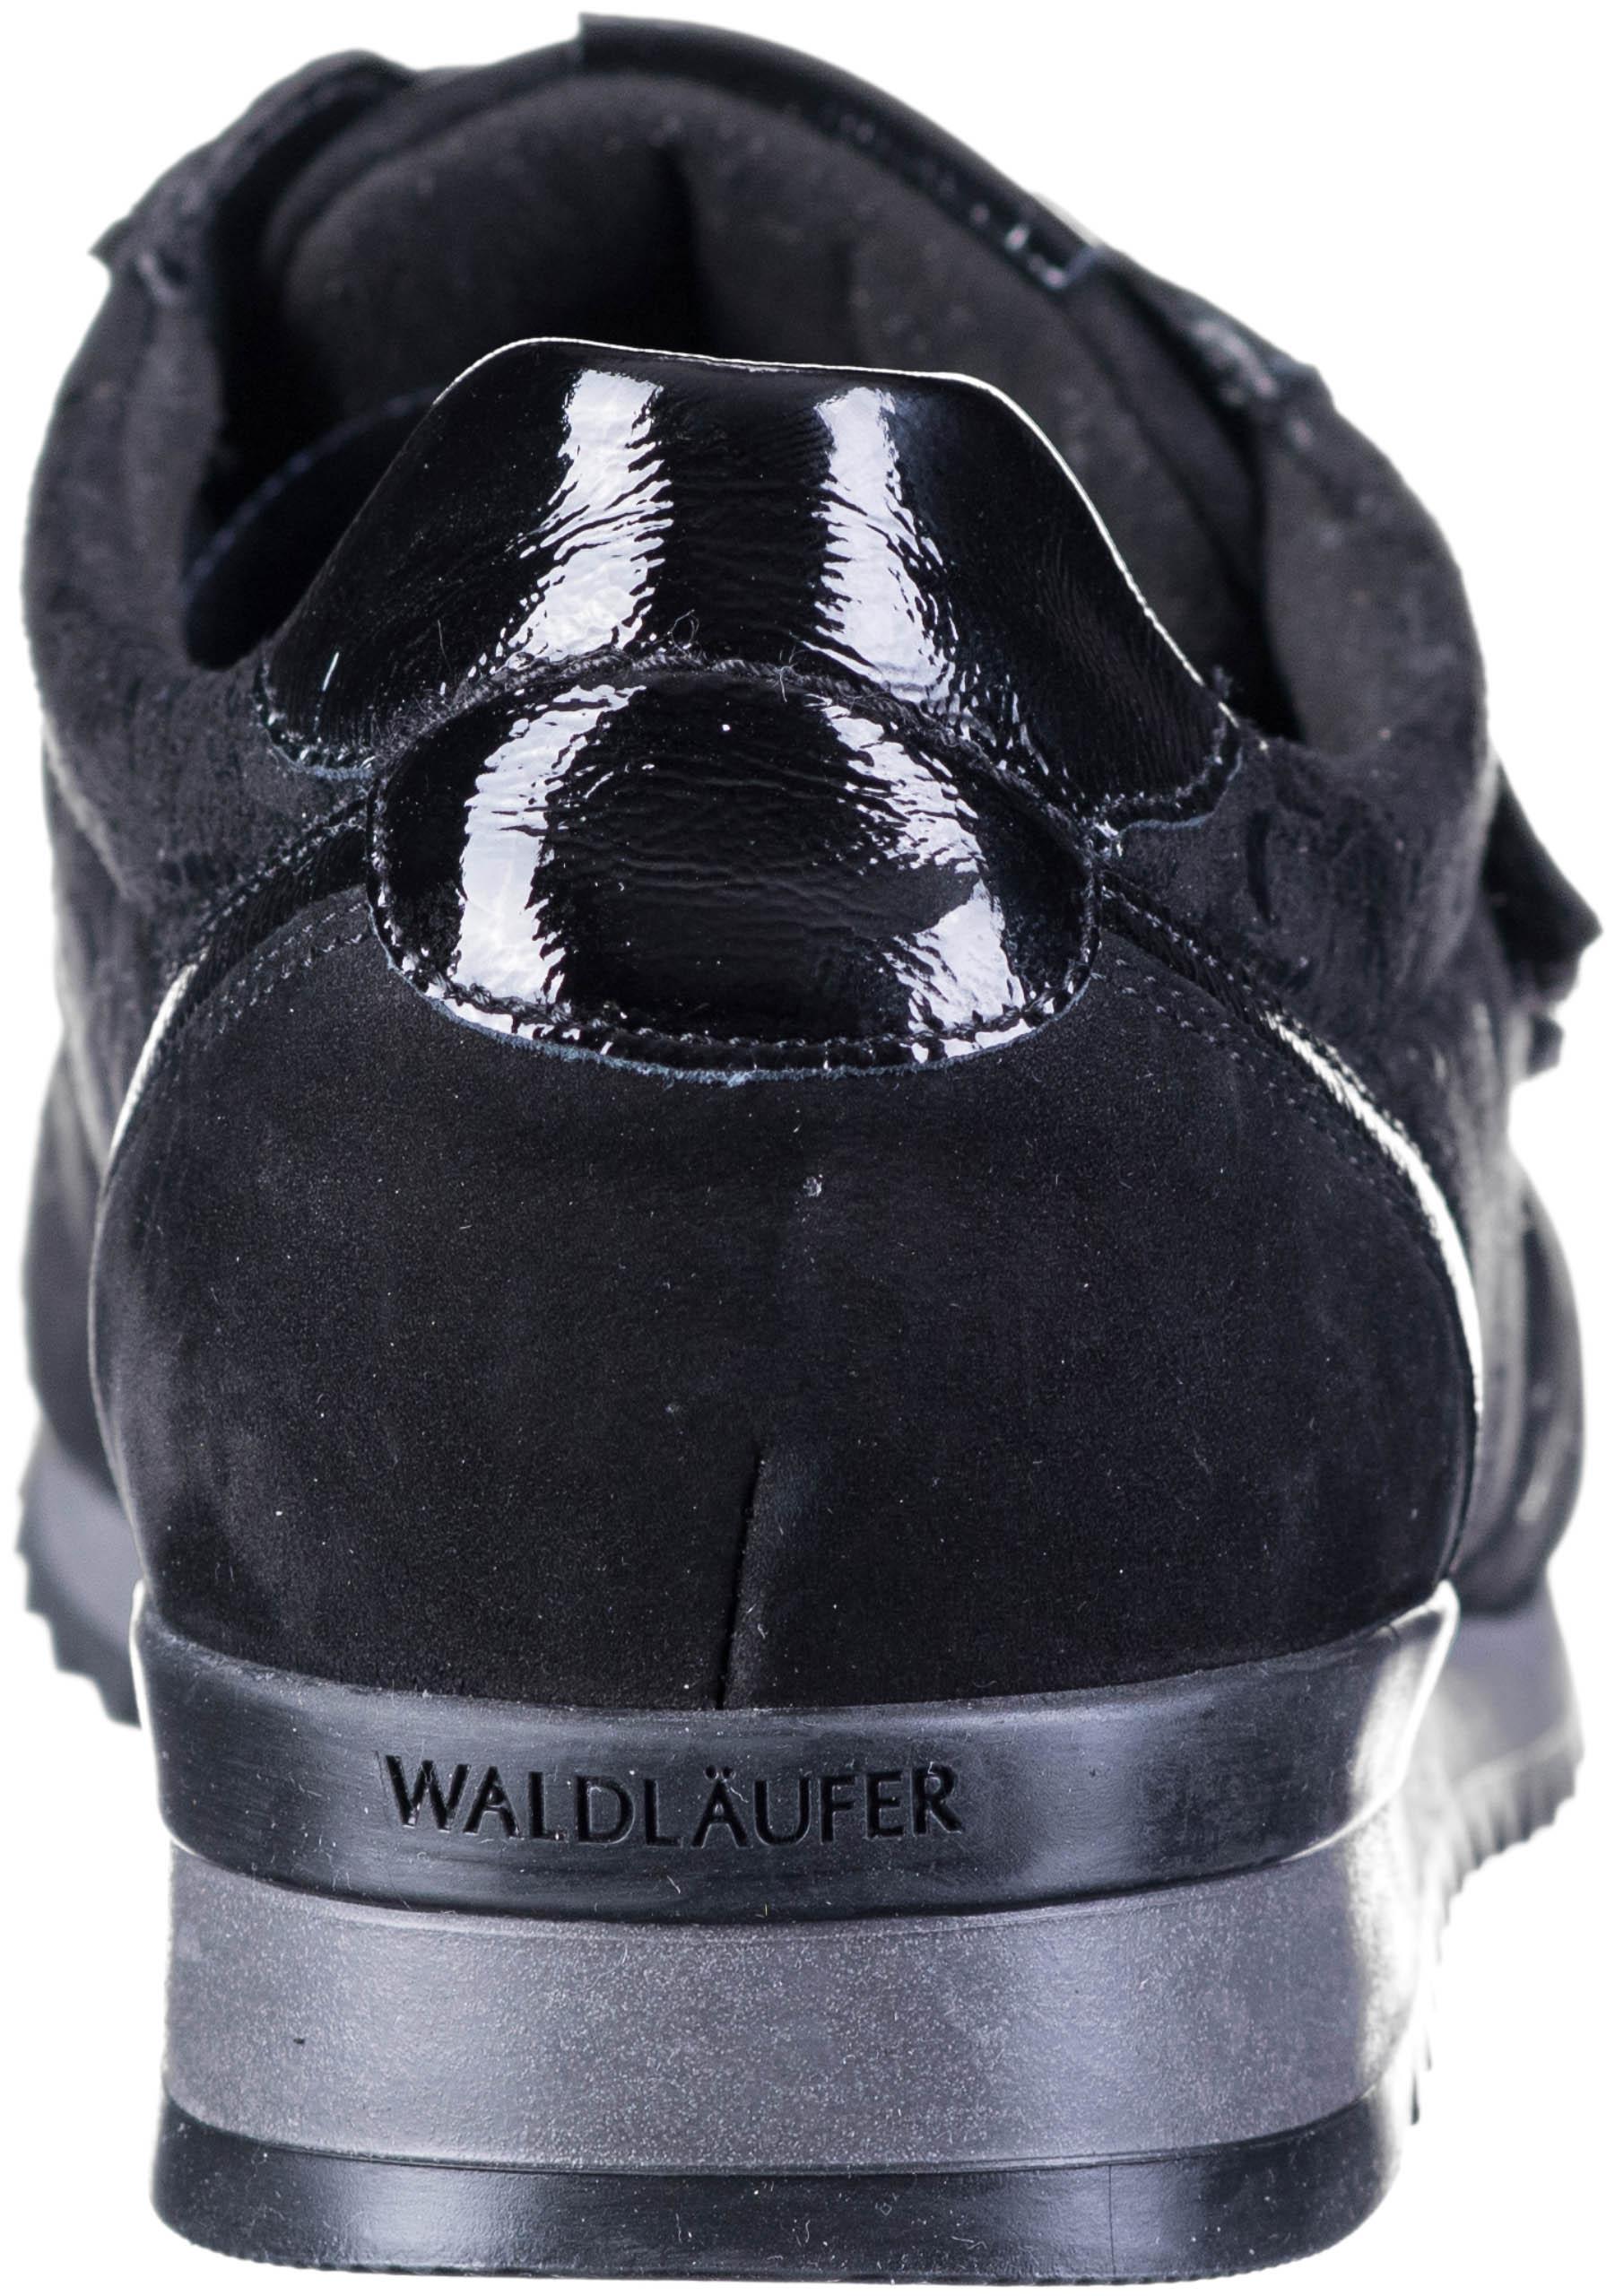 WALDLÄUFER Hurly Soft Comfort Klettschuh schwarz